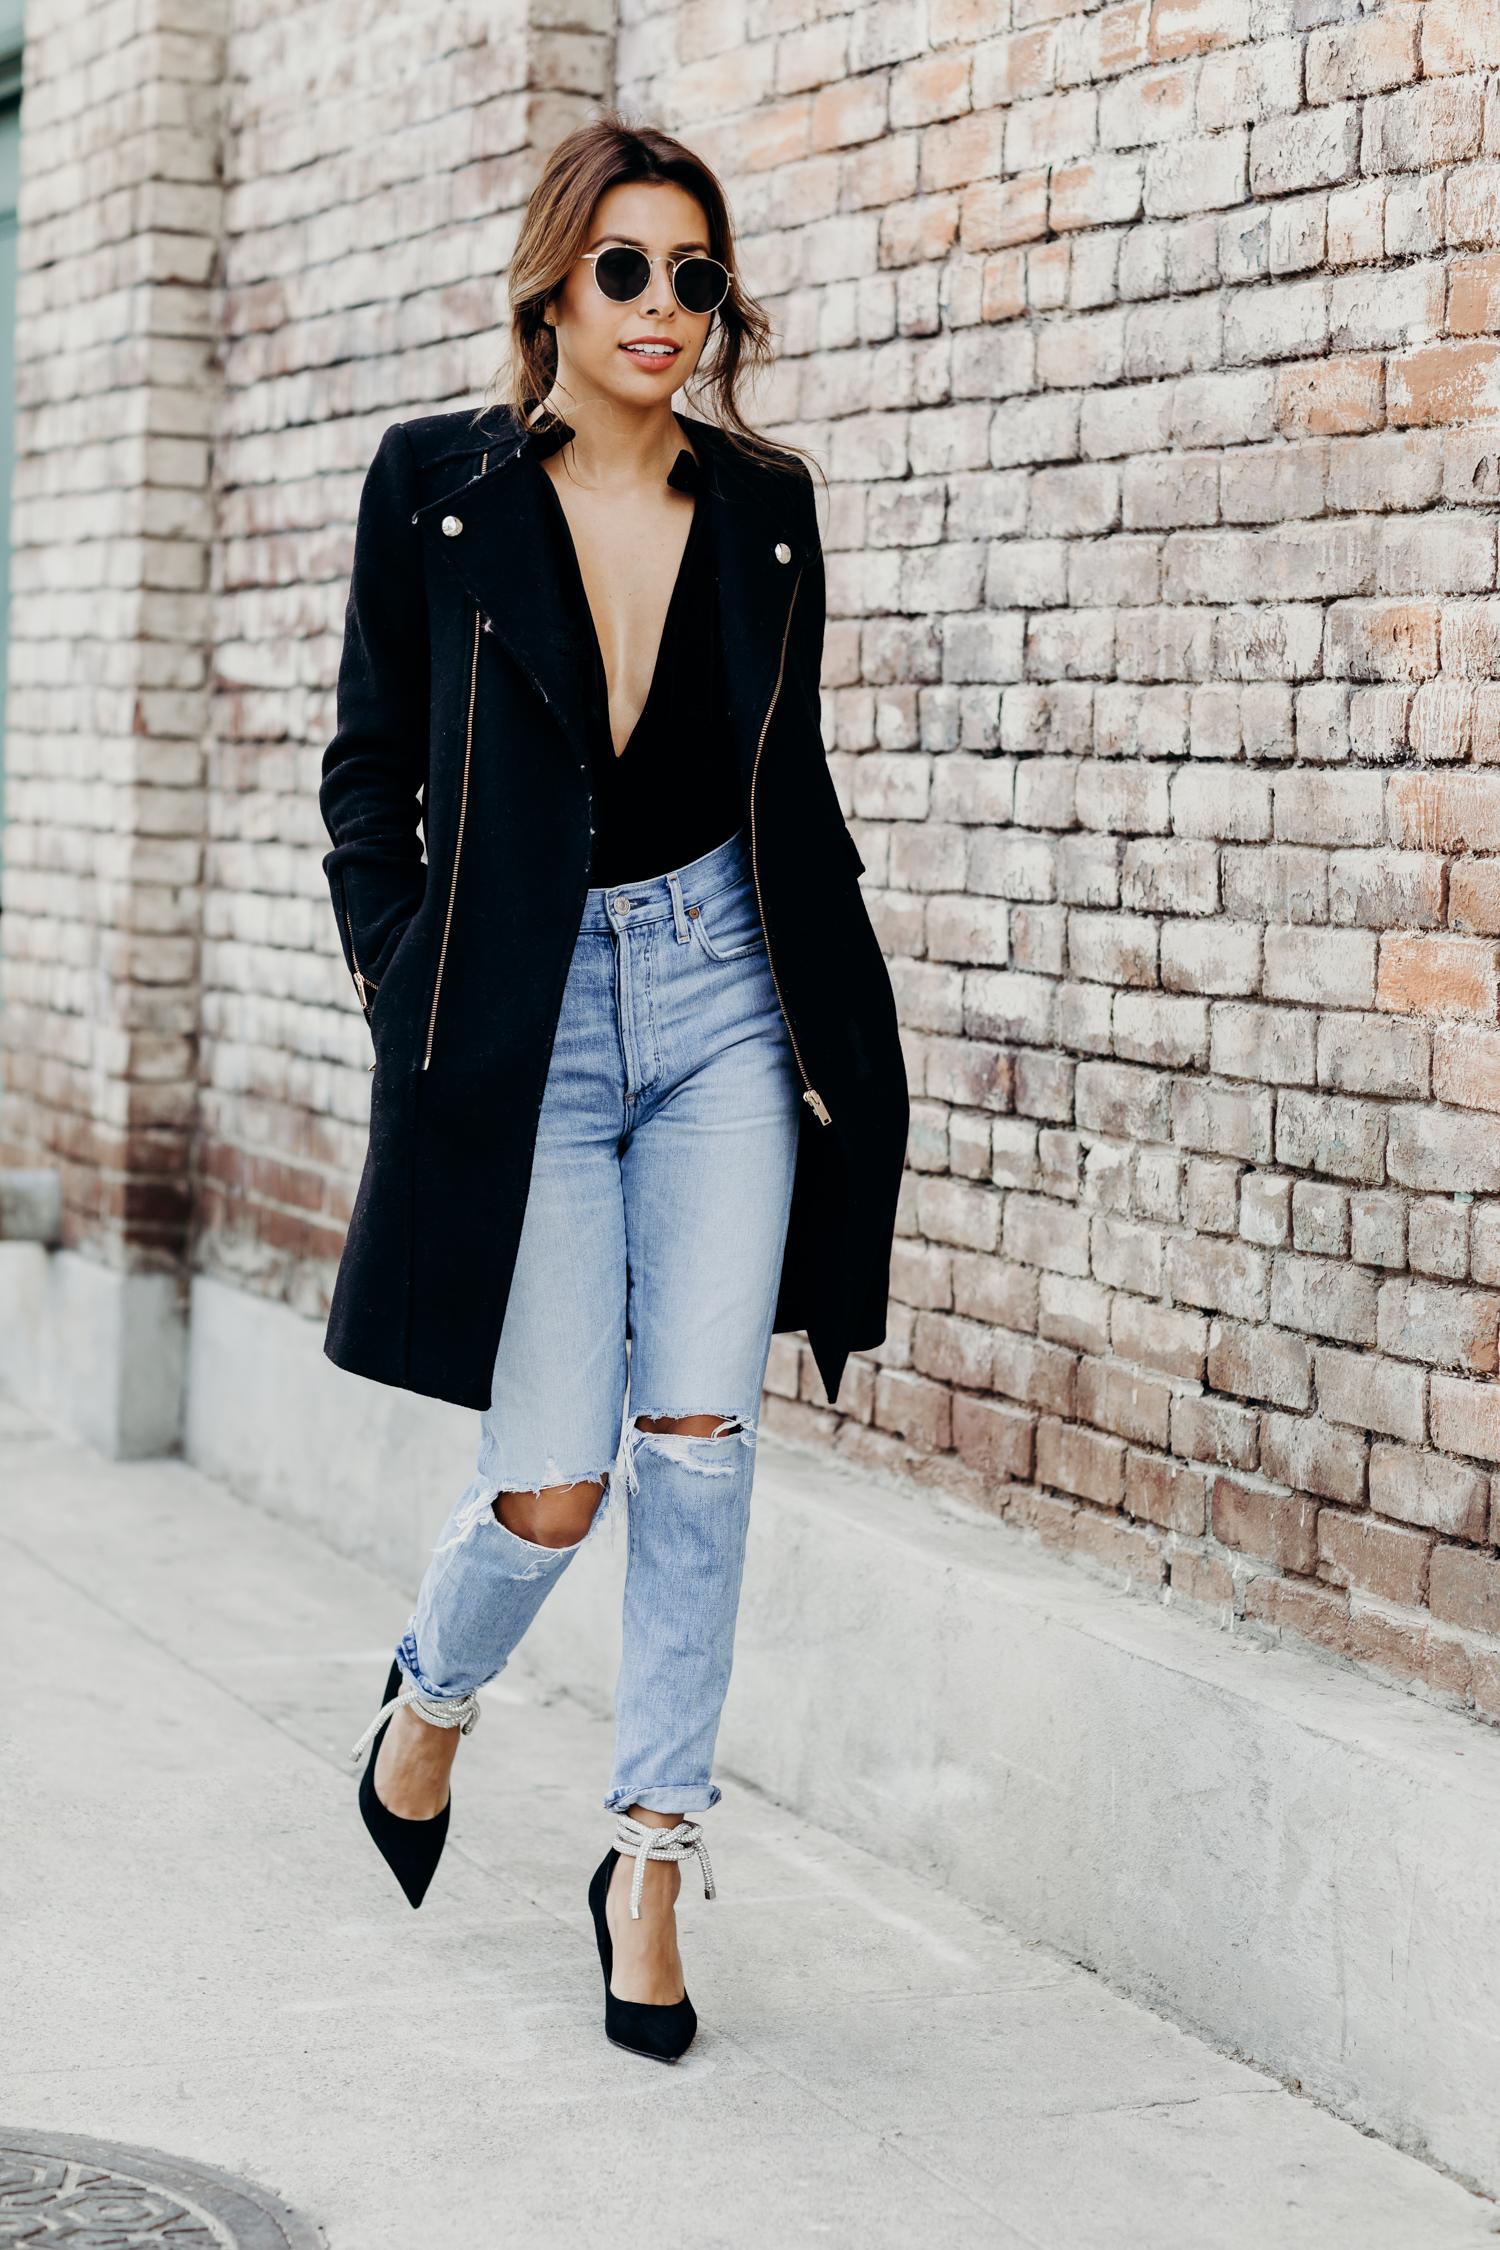 casual holiday look, zara sparkly heels, tie heels, jeans with heels look